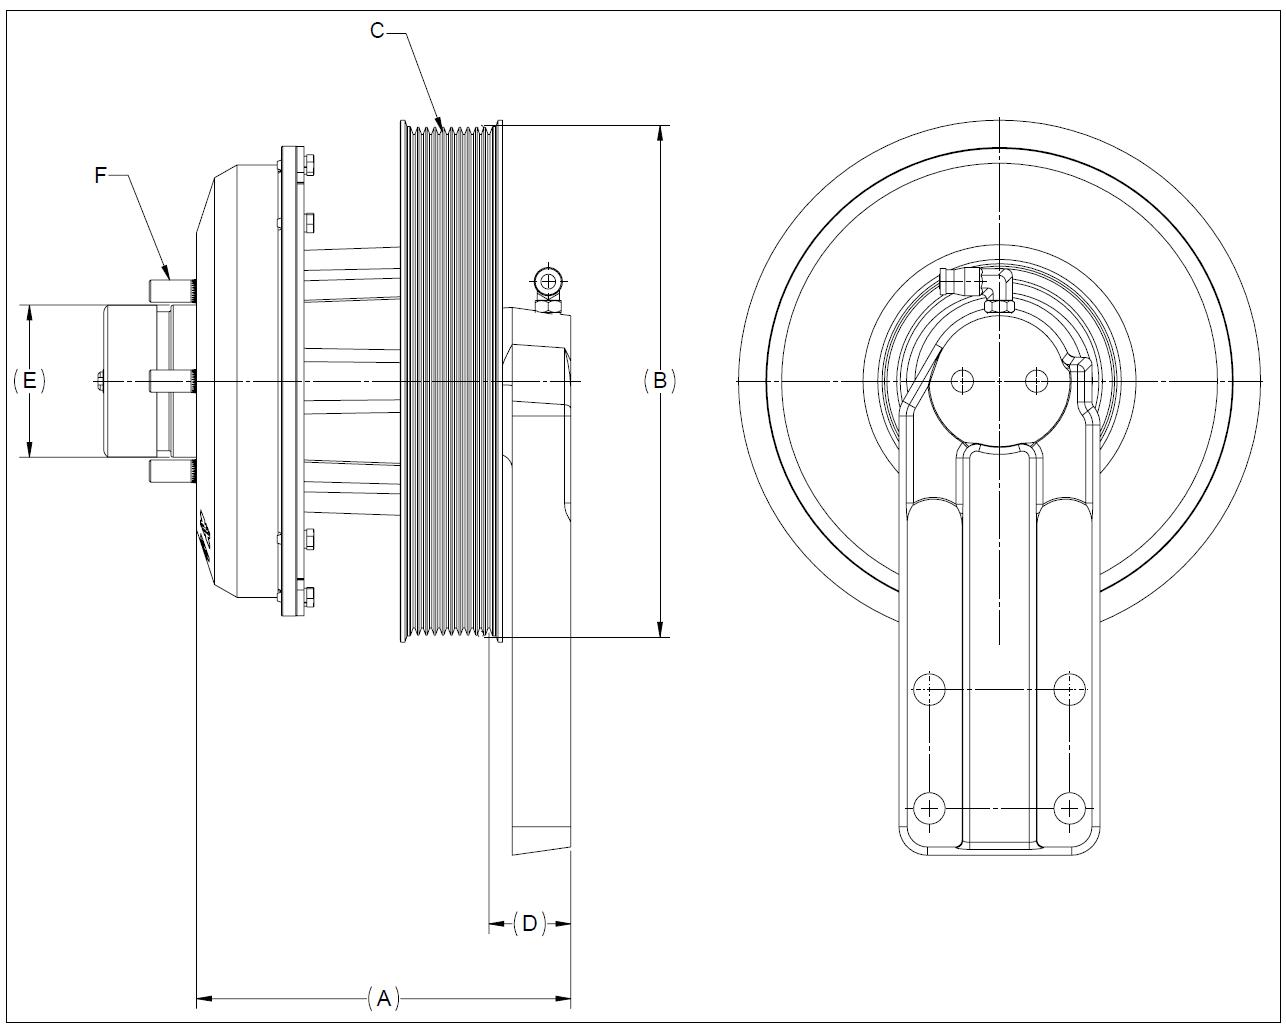 010022956 K30 Rear Air Fan Drive Assembly